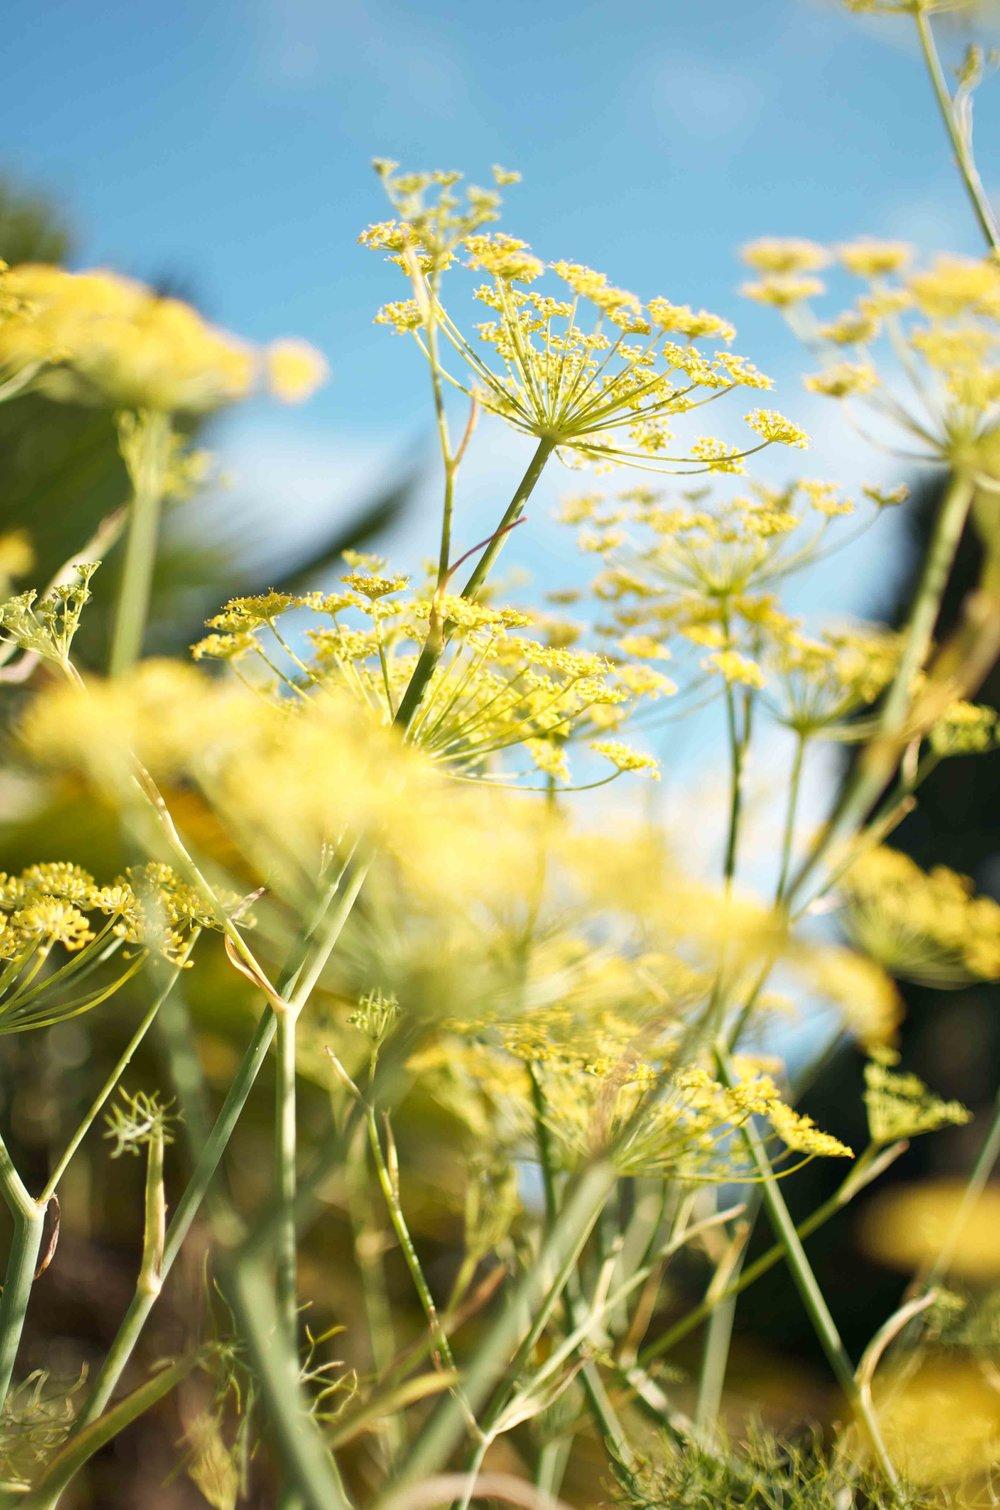 flowers in garden_fennel.jpg